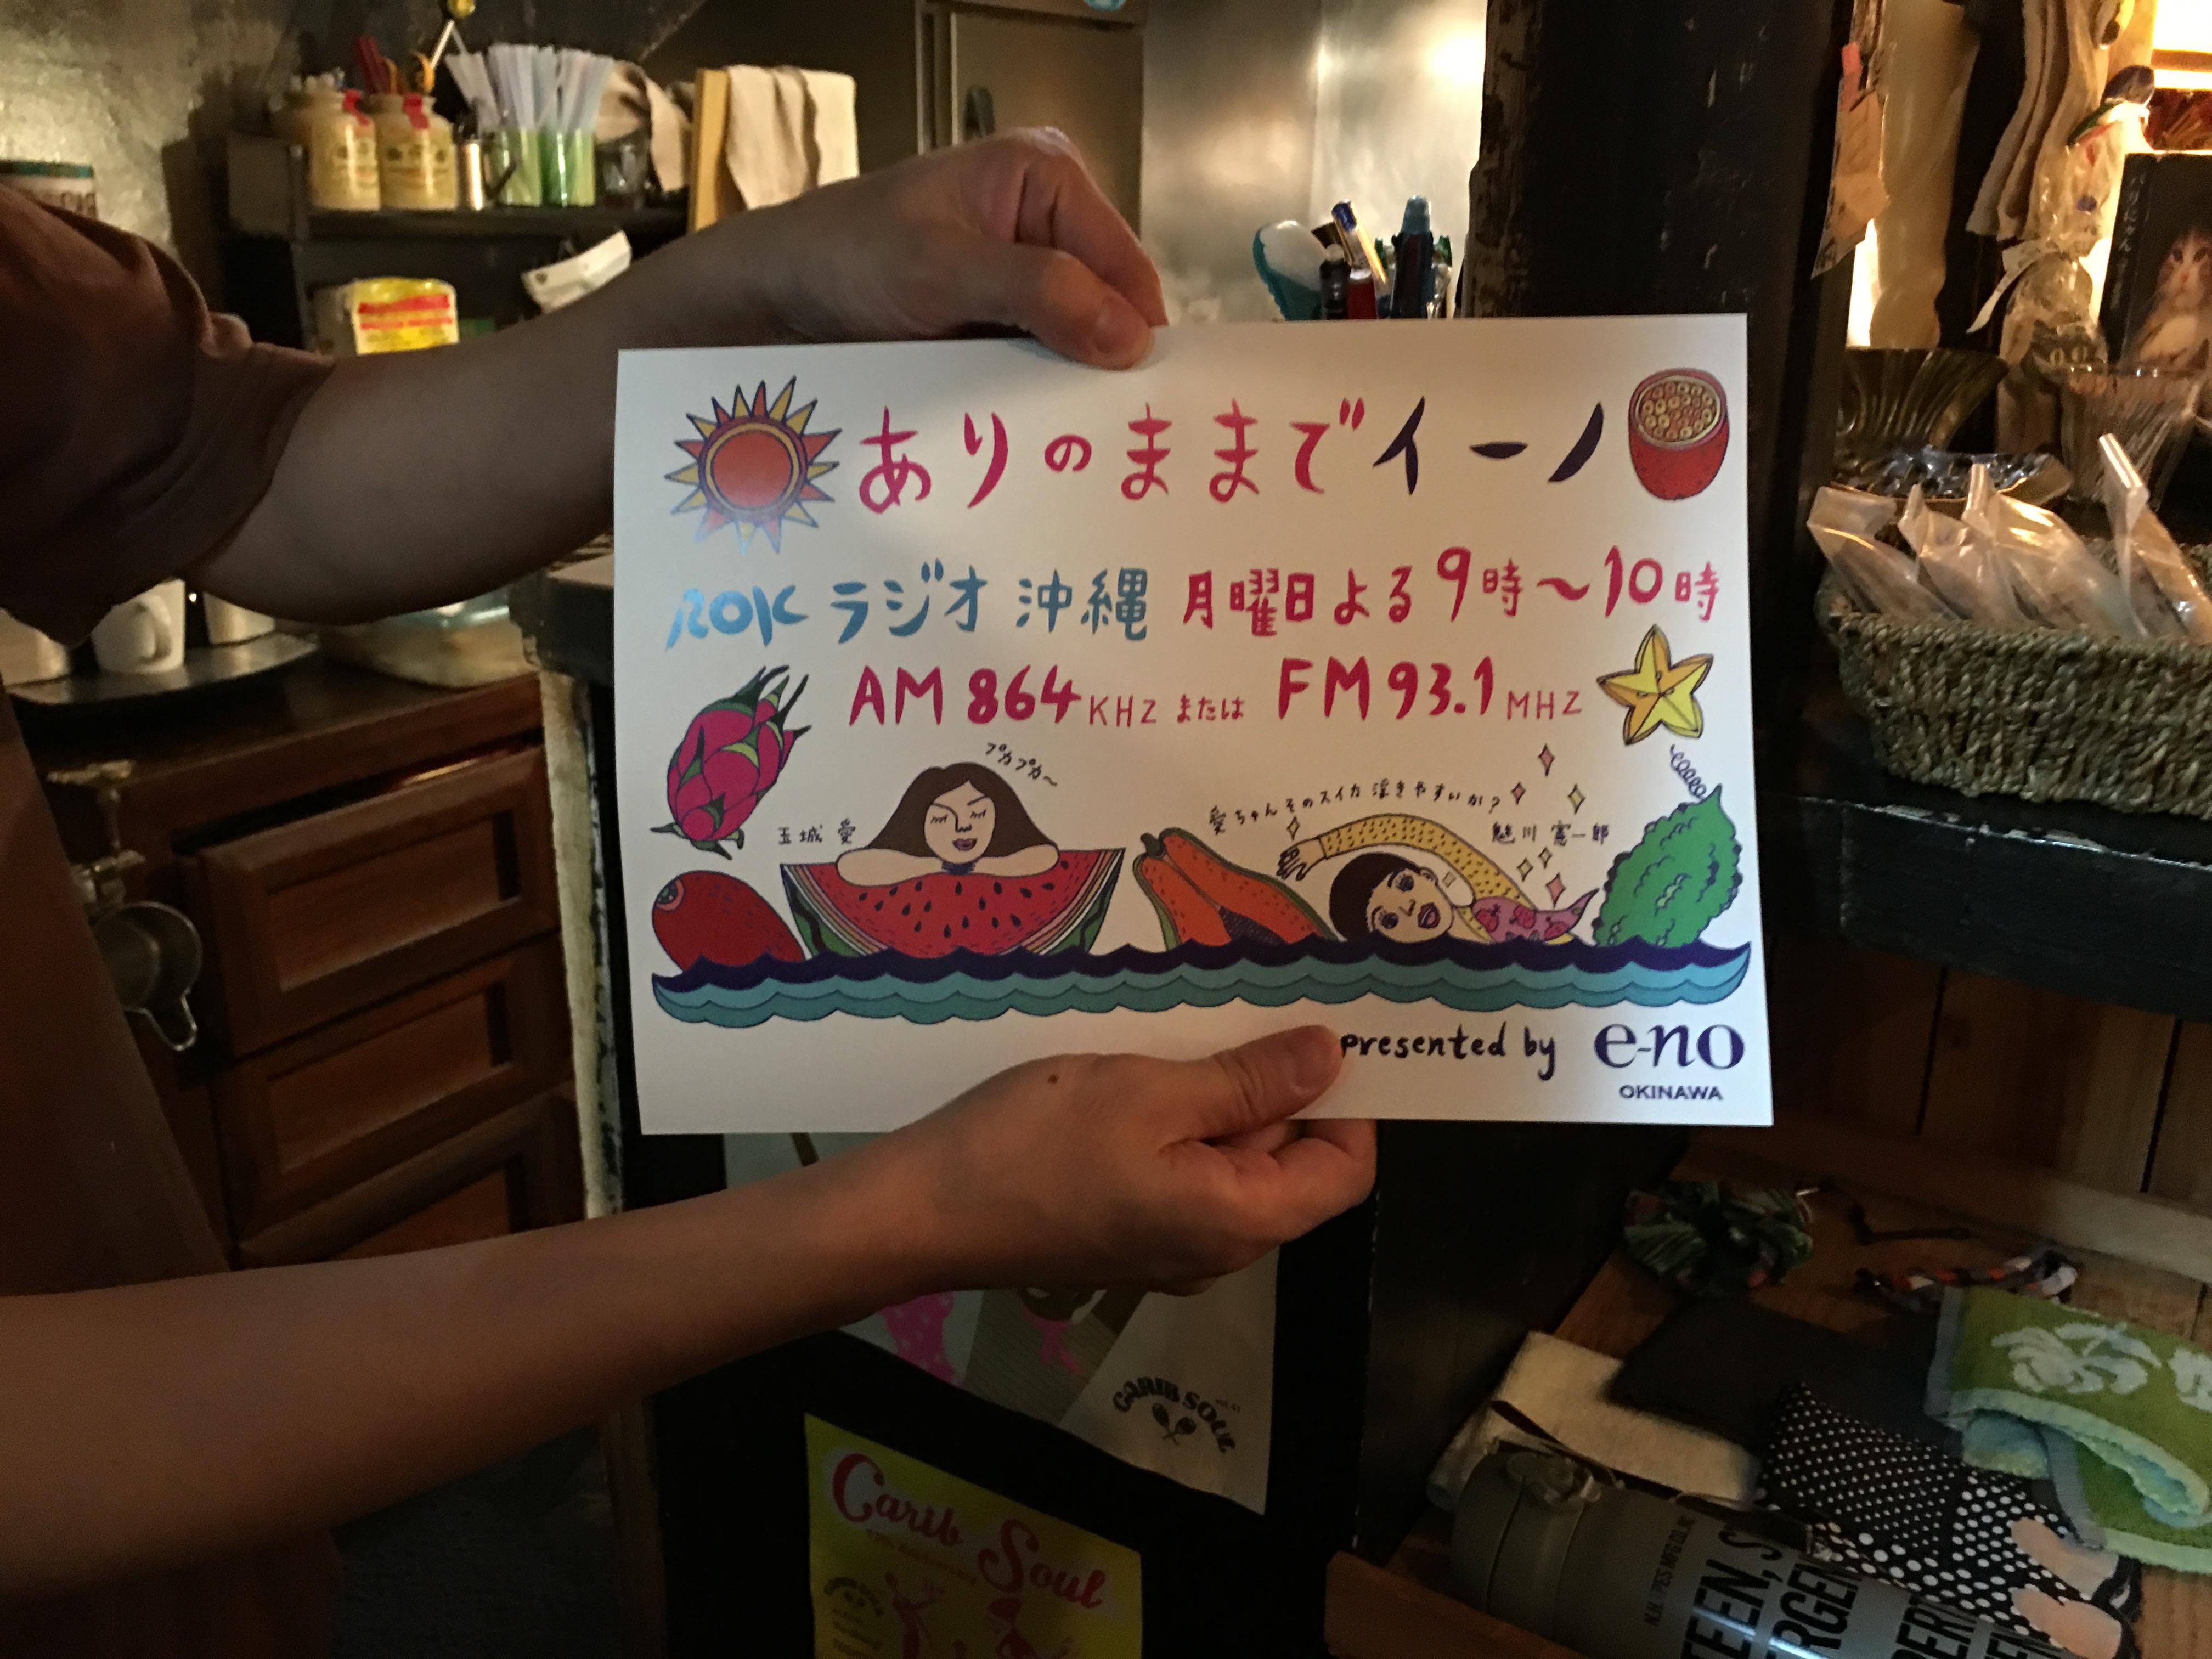 魅川さん愛さんのサイン入りポスター見つけてね